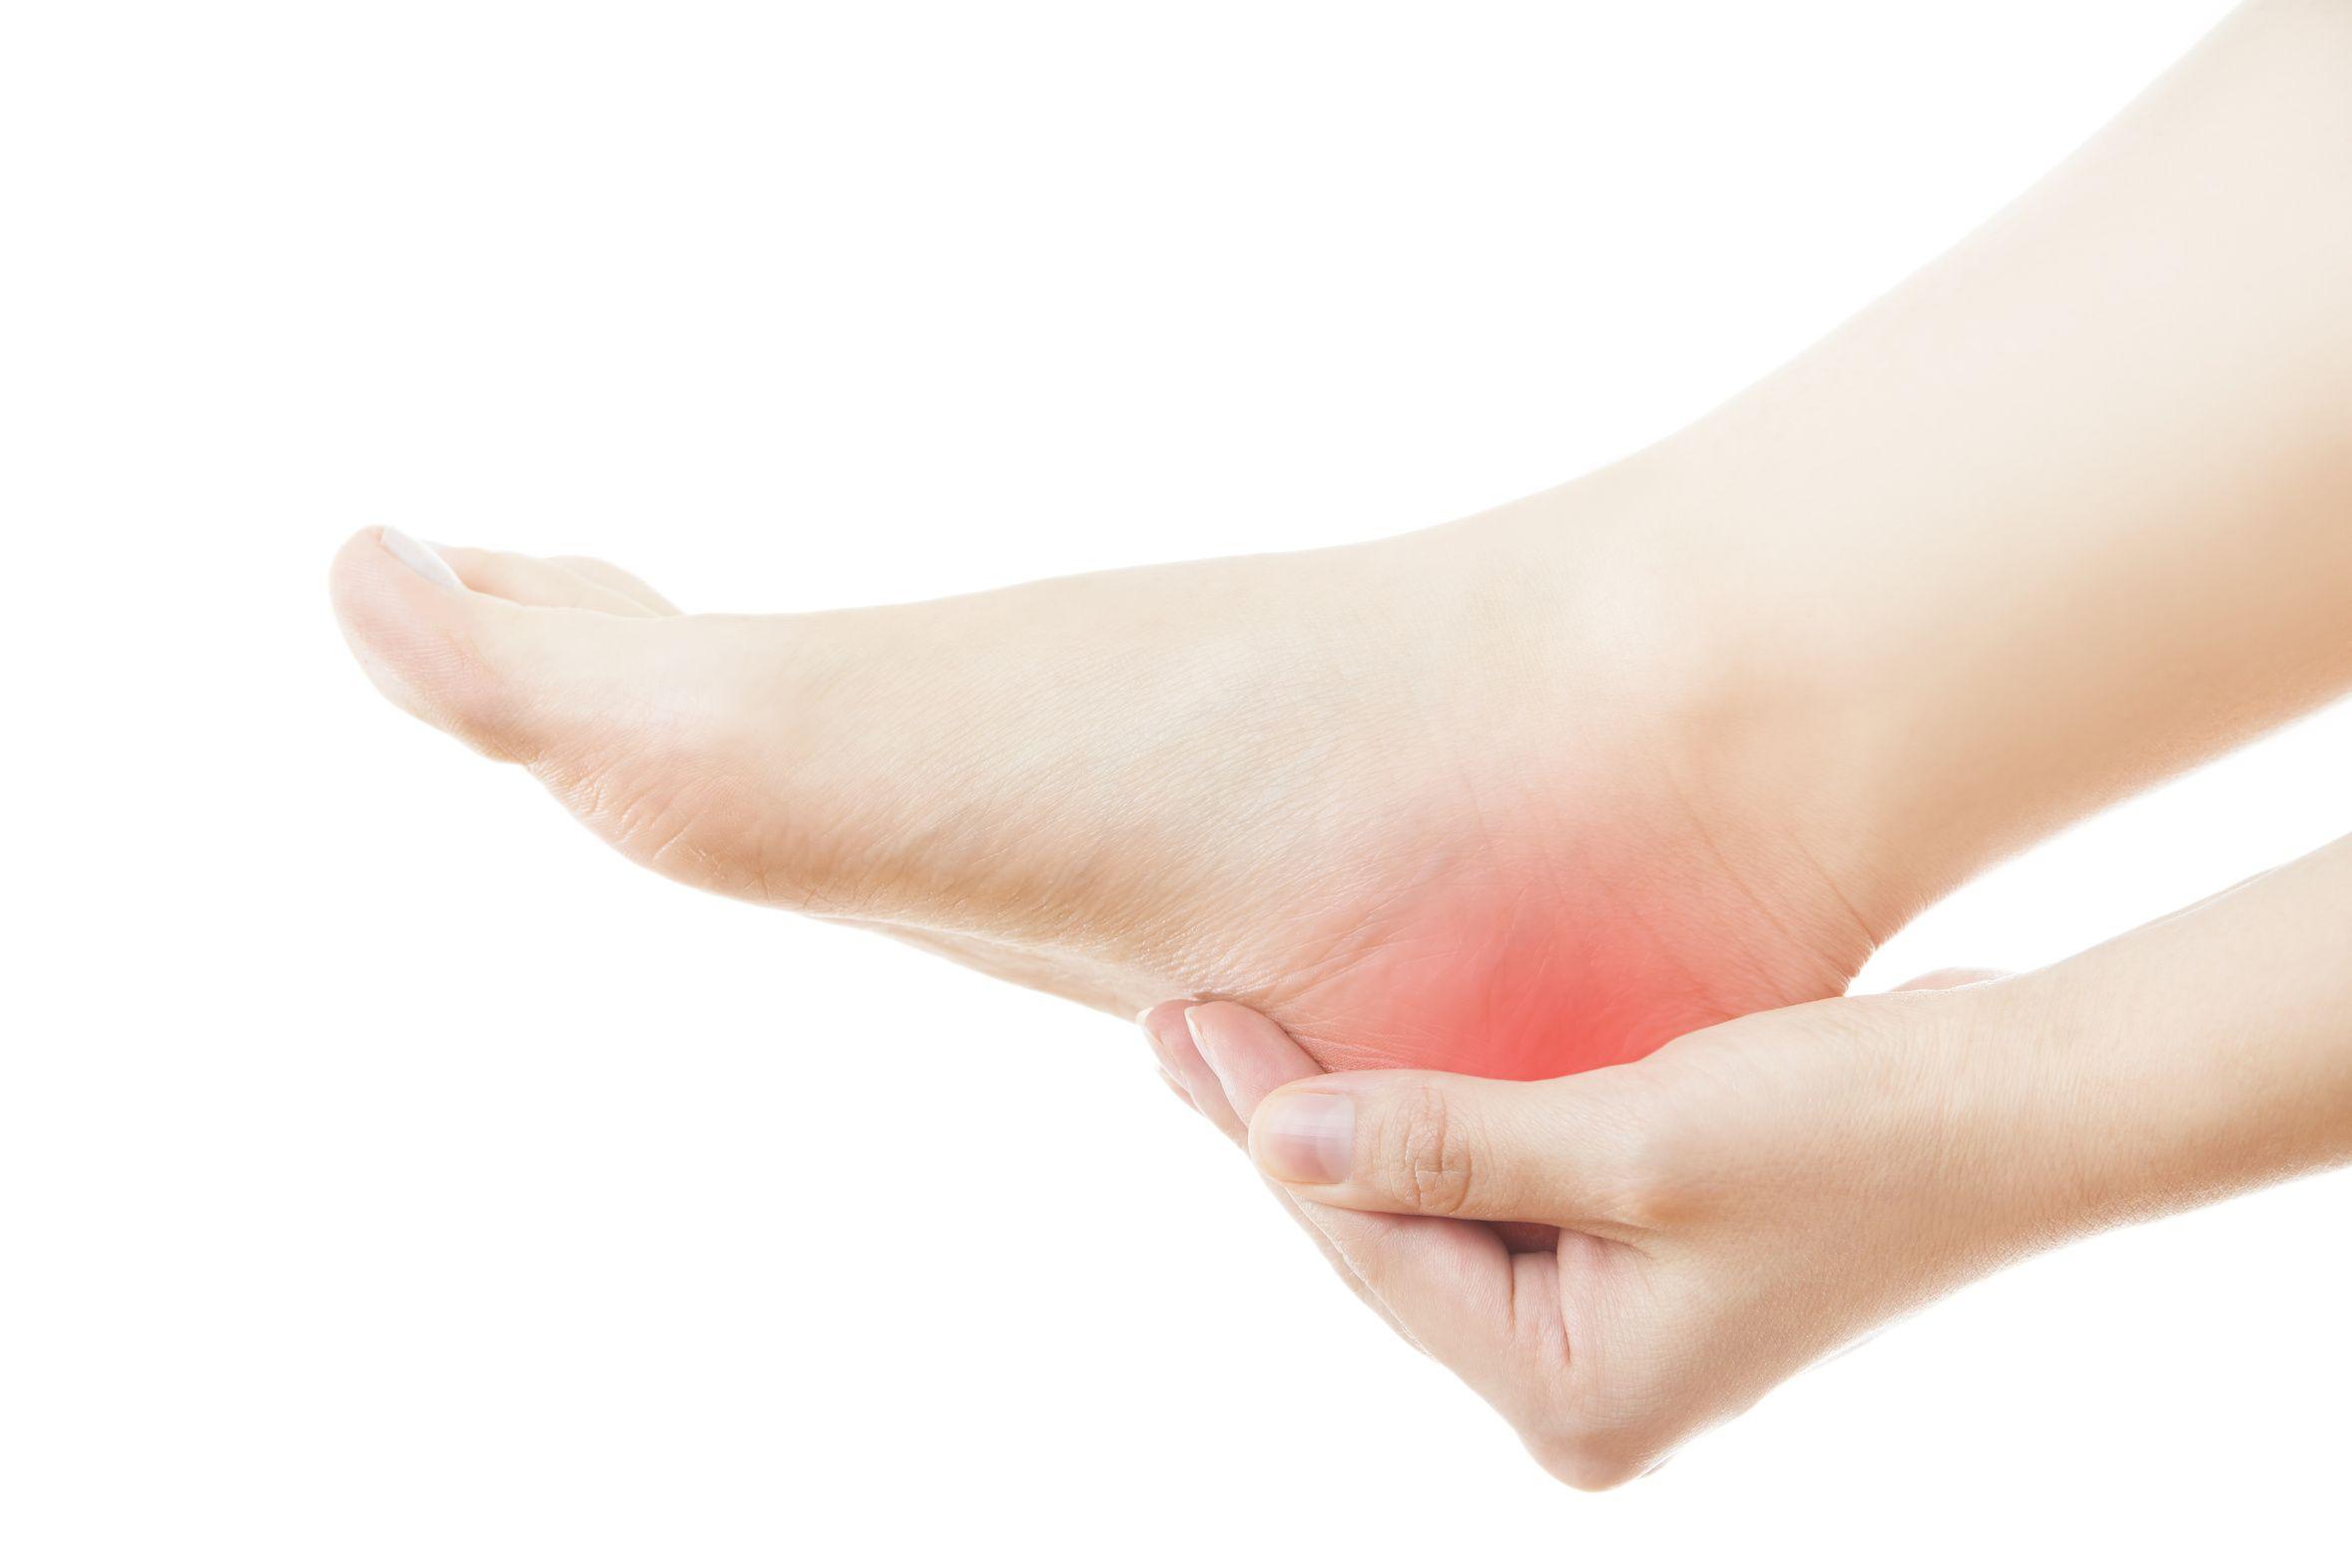 Le mal de talon le plus fréquent est la fascéite plantaire, aussi nommée syndrome de l'épine de Lenoir.